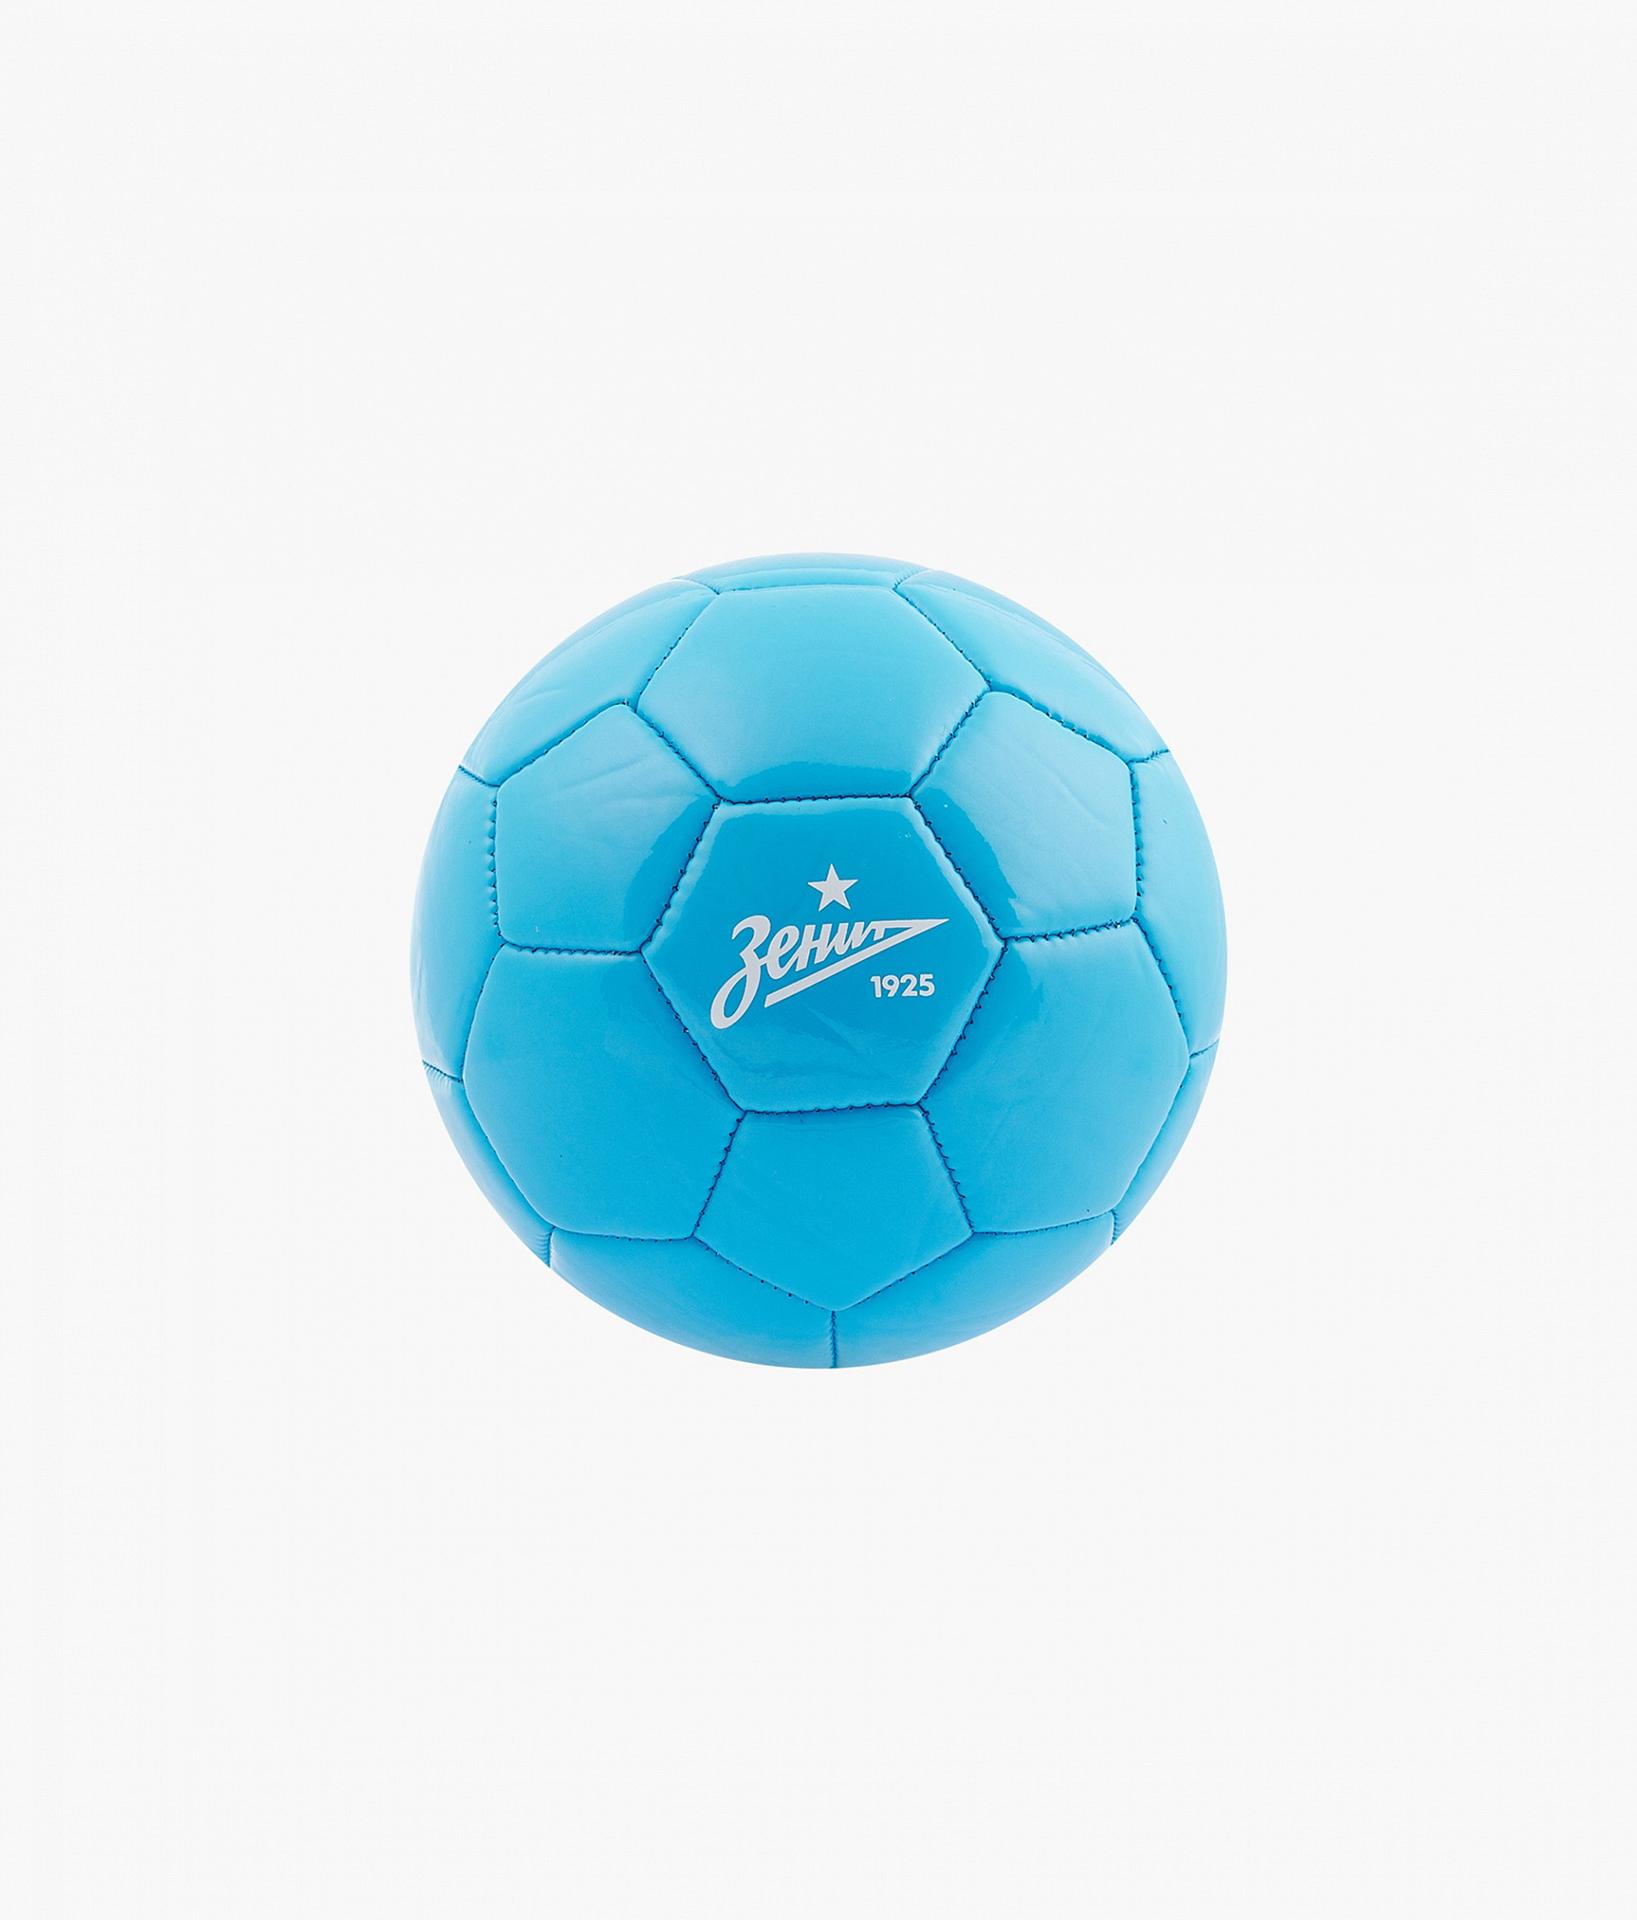 Мяч сувенирный «Зенит» Зенит Цвет-Лазурный бейсболка мужская зенит цвет лазурный